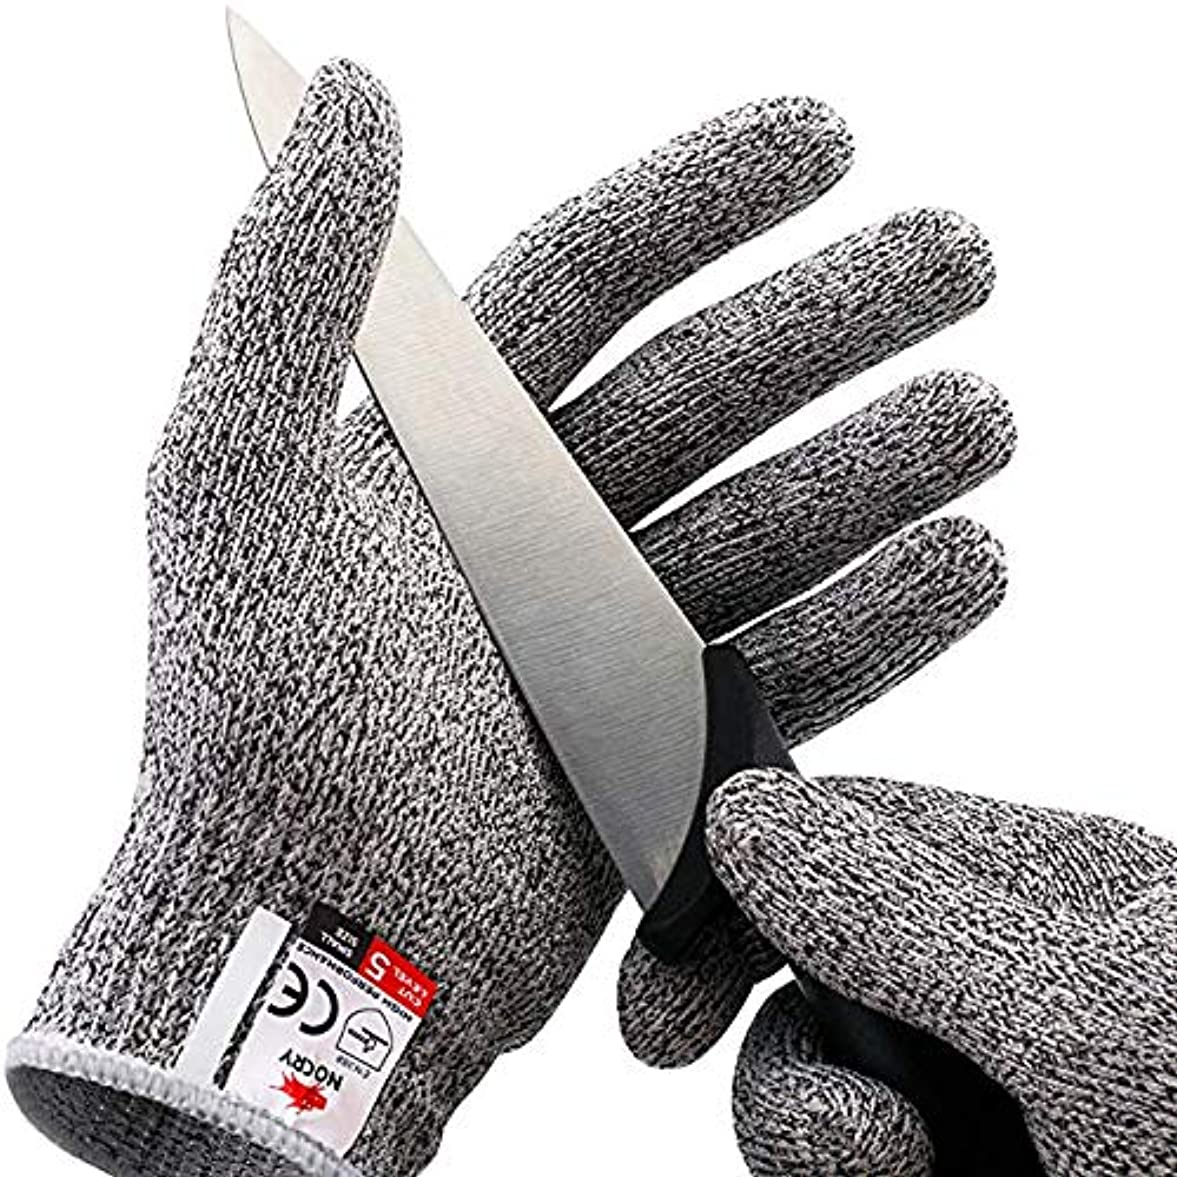 一生皮肉物理食品グレード、高パフォーマンスレベル5の保護 - 耐性の手袋をカット。,L